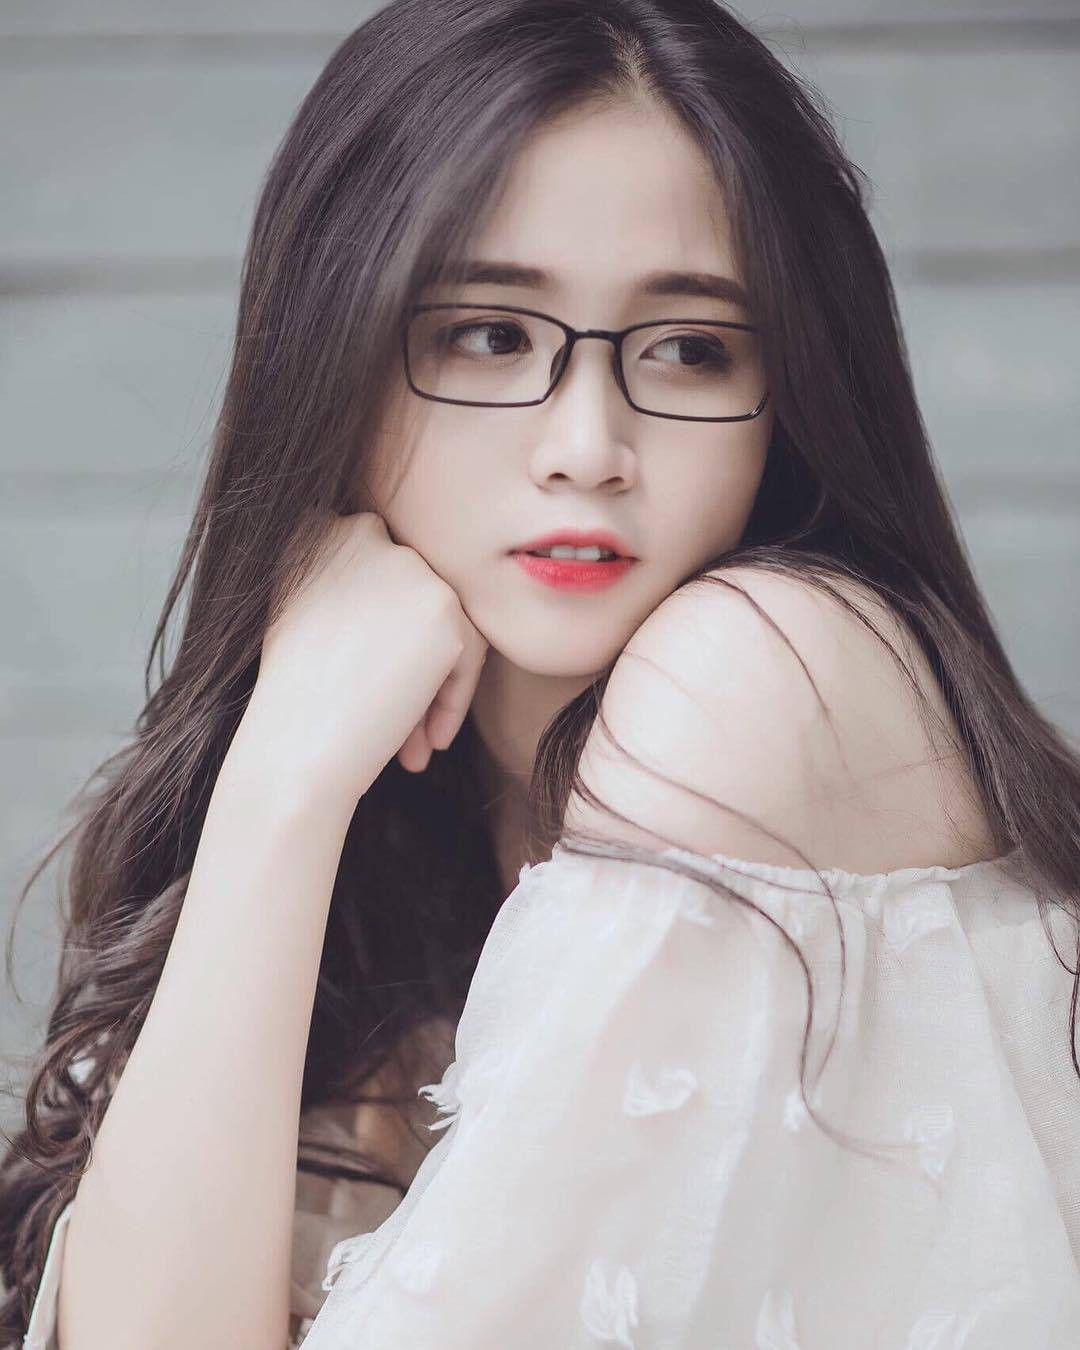 Không thể rời mắt trước bộ hình áo dài quá xinh của nữ sinh 2000 đến từ Đắk  Lắk - Ảnh 12. | Nữ thần, Con gái, Hình ảnh